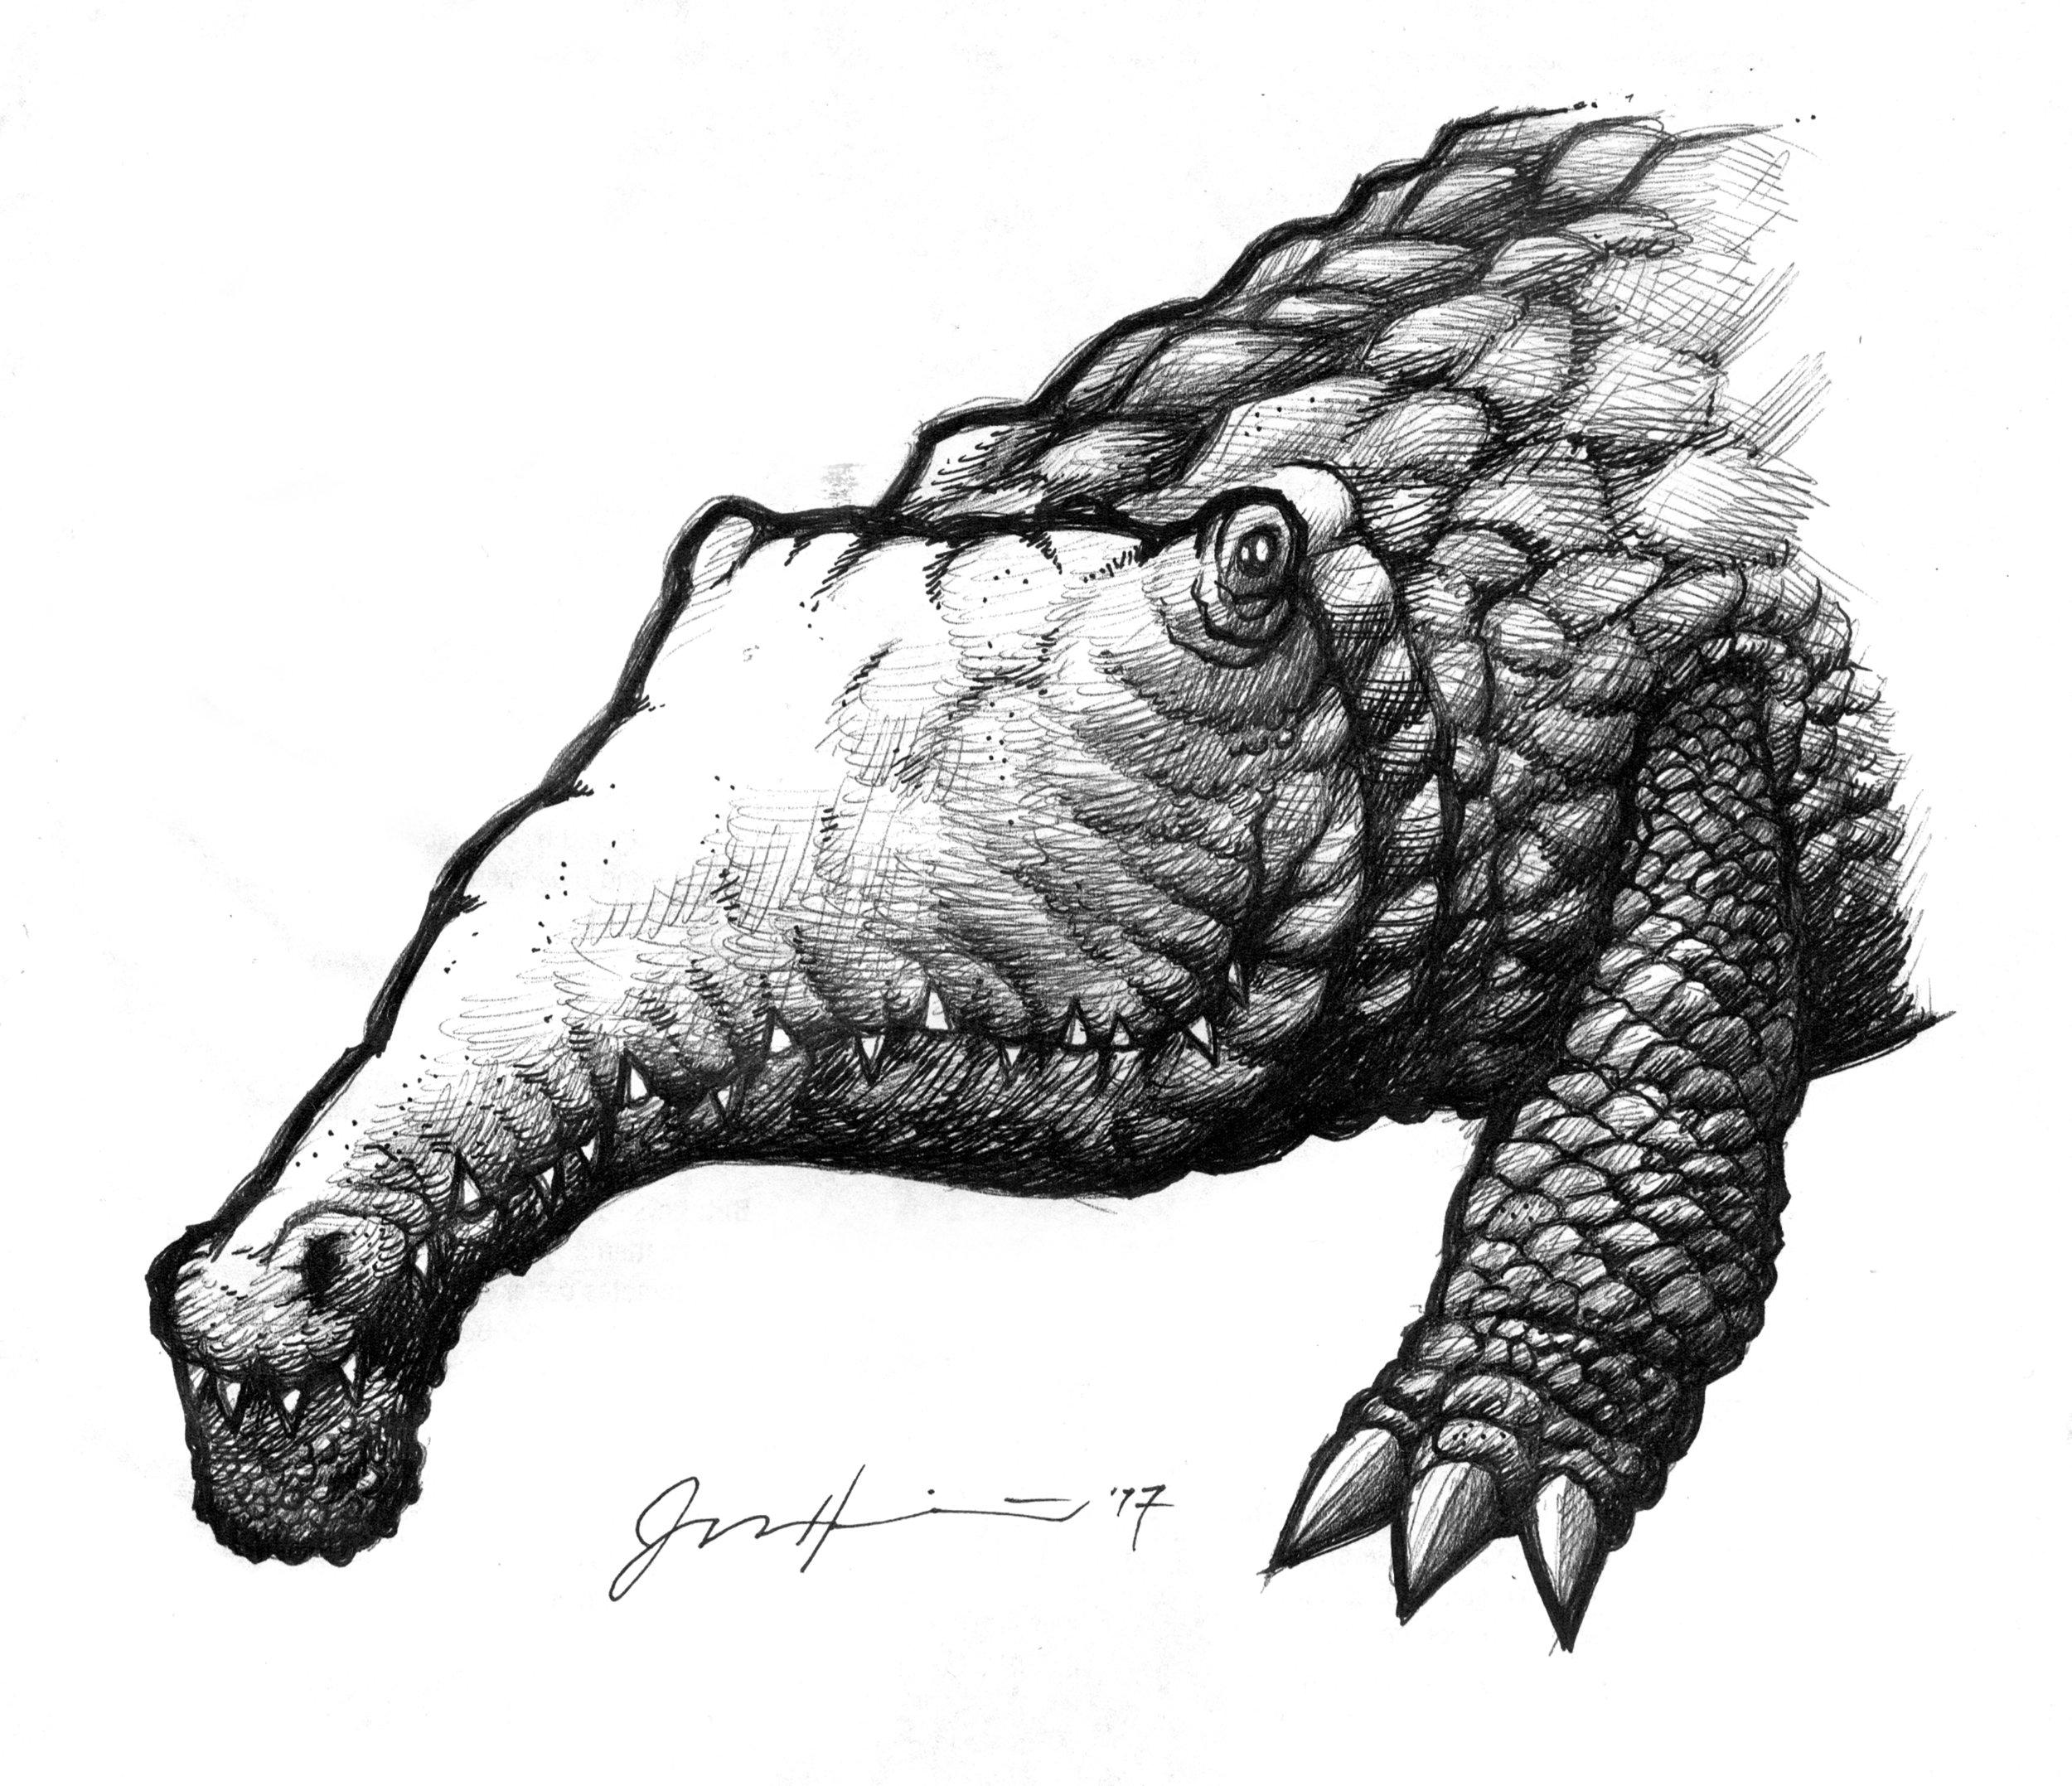 croc01.jpg